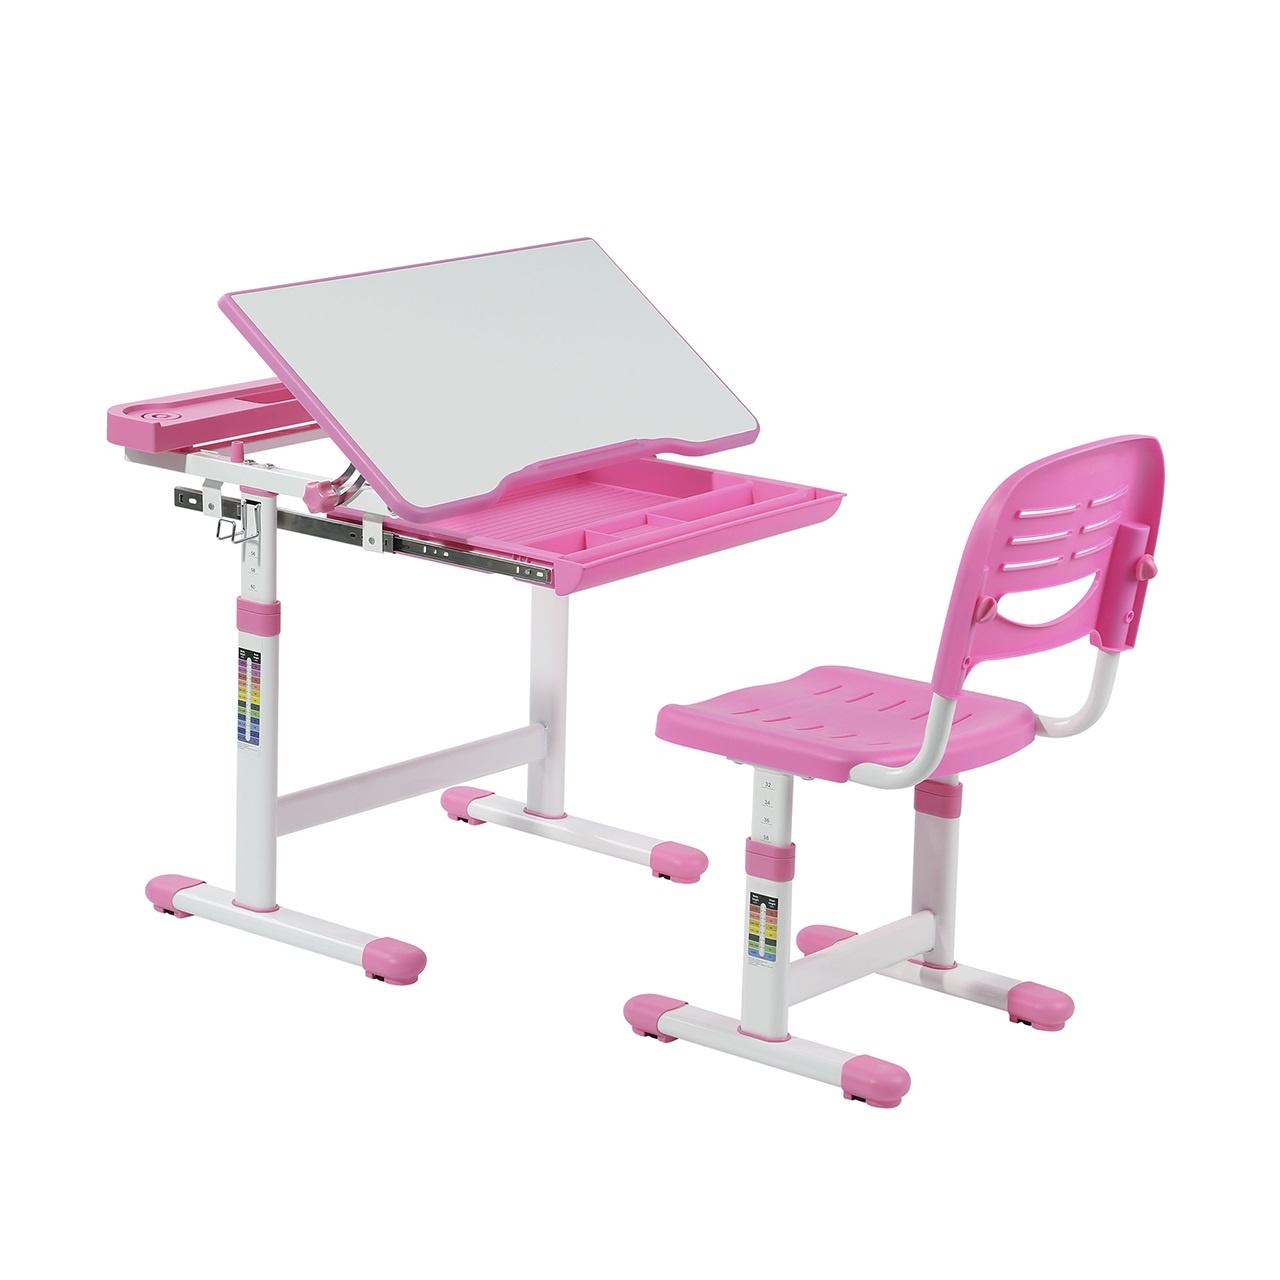 Набор детской мебели FunDesk Cantare Pink, розовый, белый